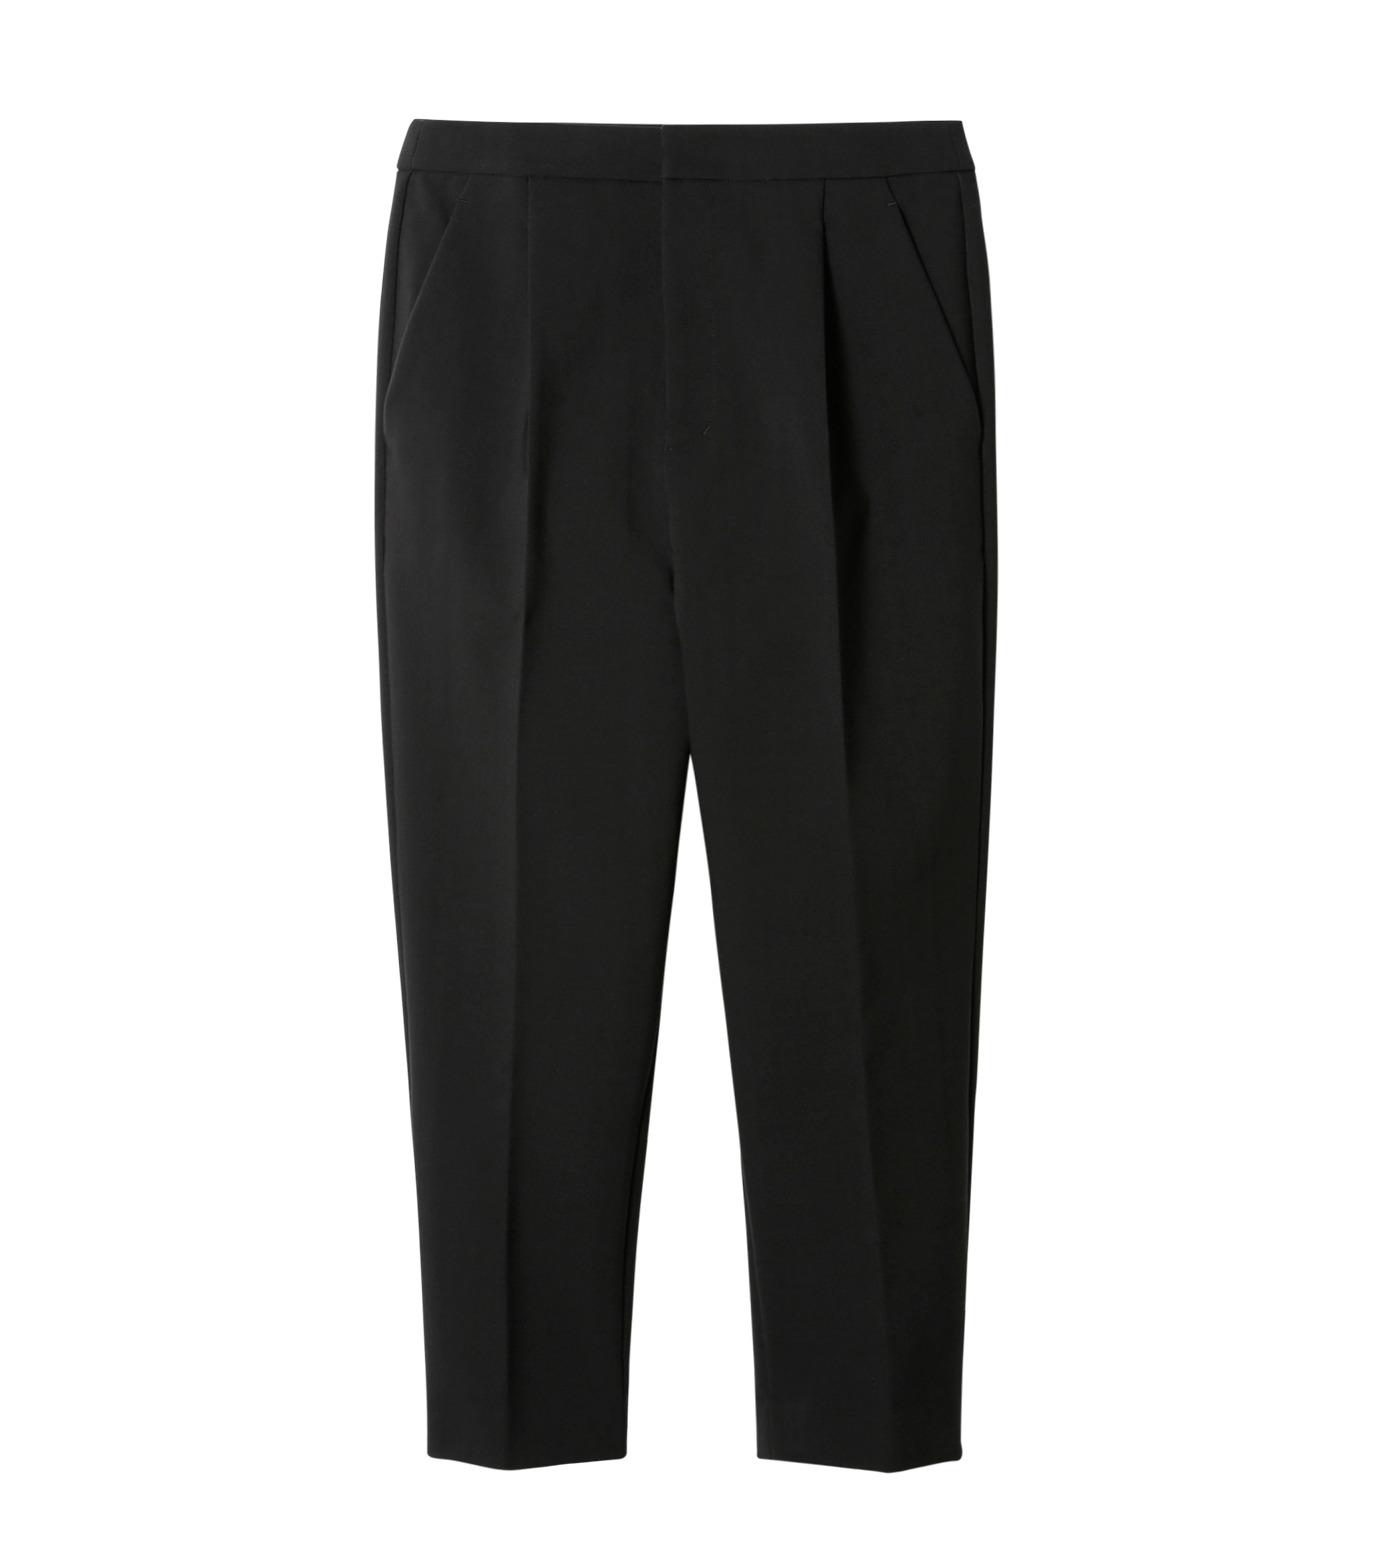 LE CIEL BLEU(ルシェルブルー)のクロップルーズパンツ-BLACK(パンツ/pants)-19S68102 拡大詳細画像1